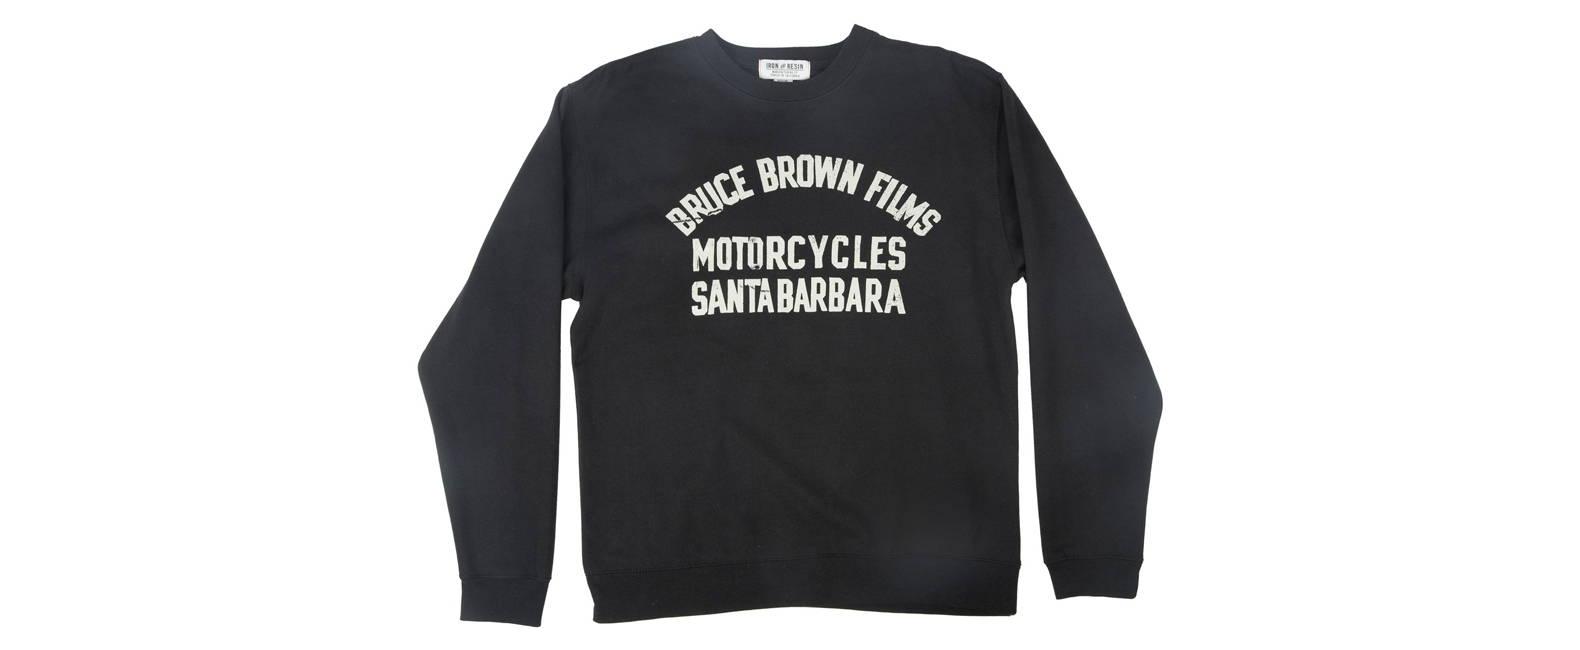 Bruce Brown Films Santa Barbara Fleece in Black